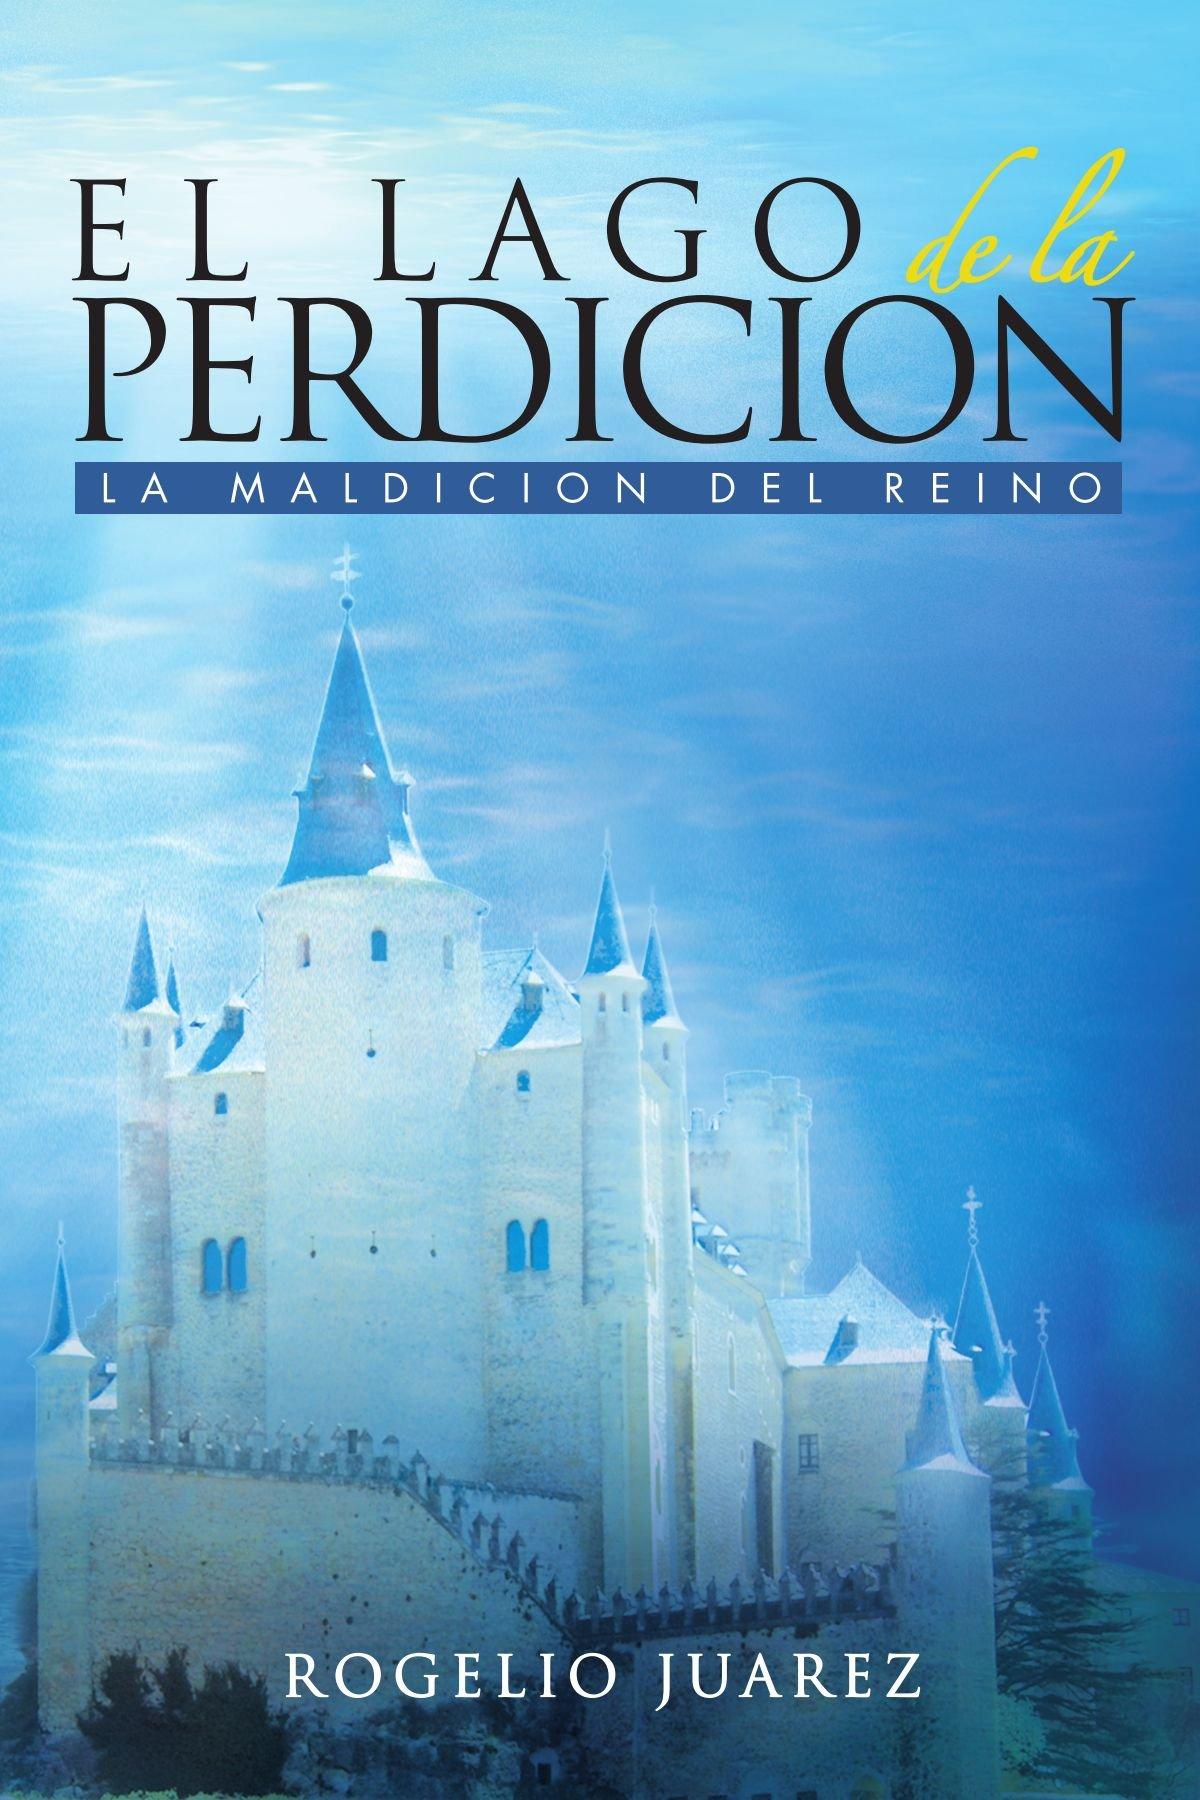 El Lago De La Perdicion: La Maldicion Del Reino (Spanish Edition): Rogelio  Juarez: 9781463301316: Amazon.com: Books